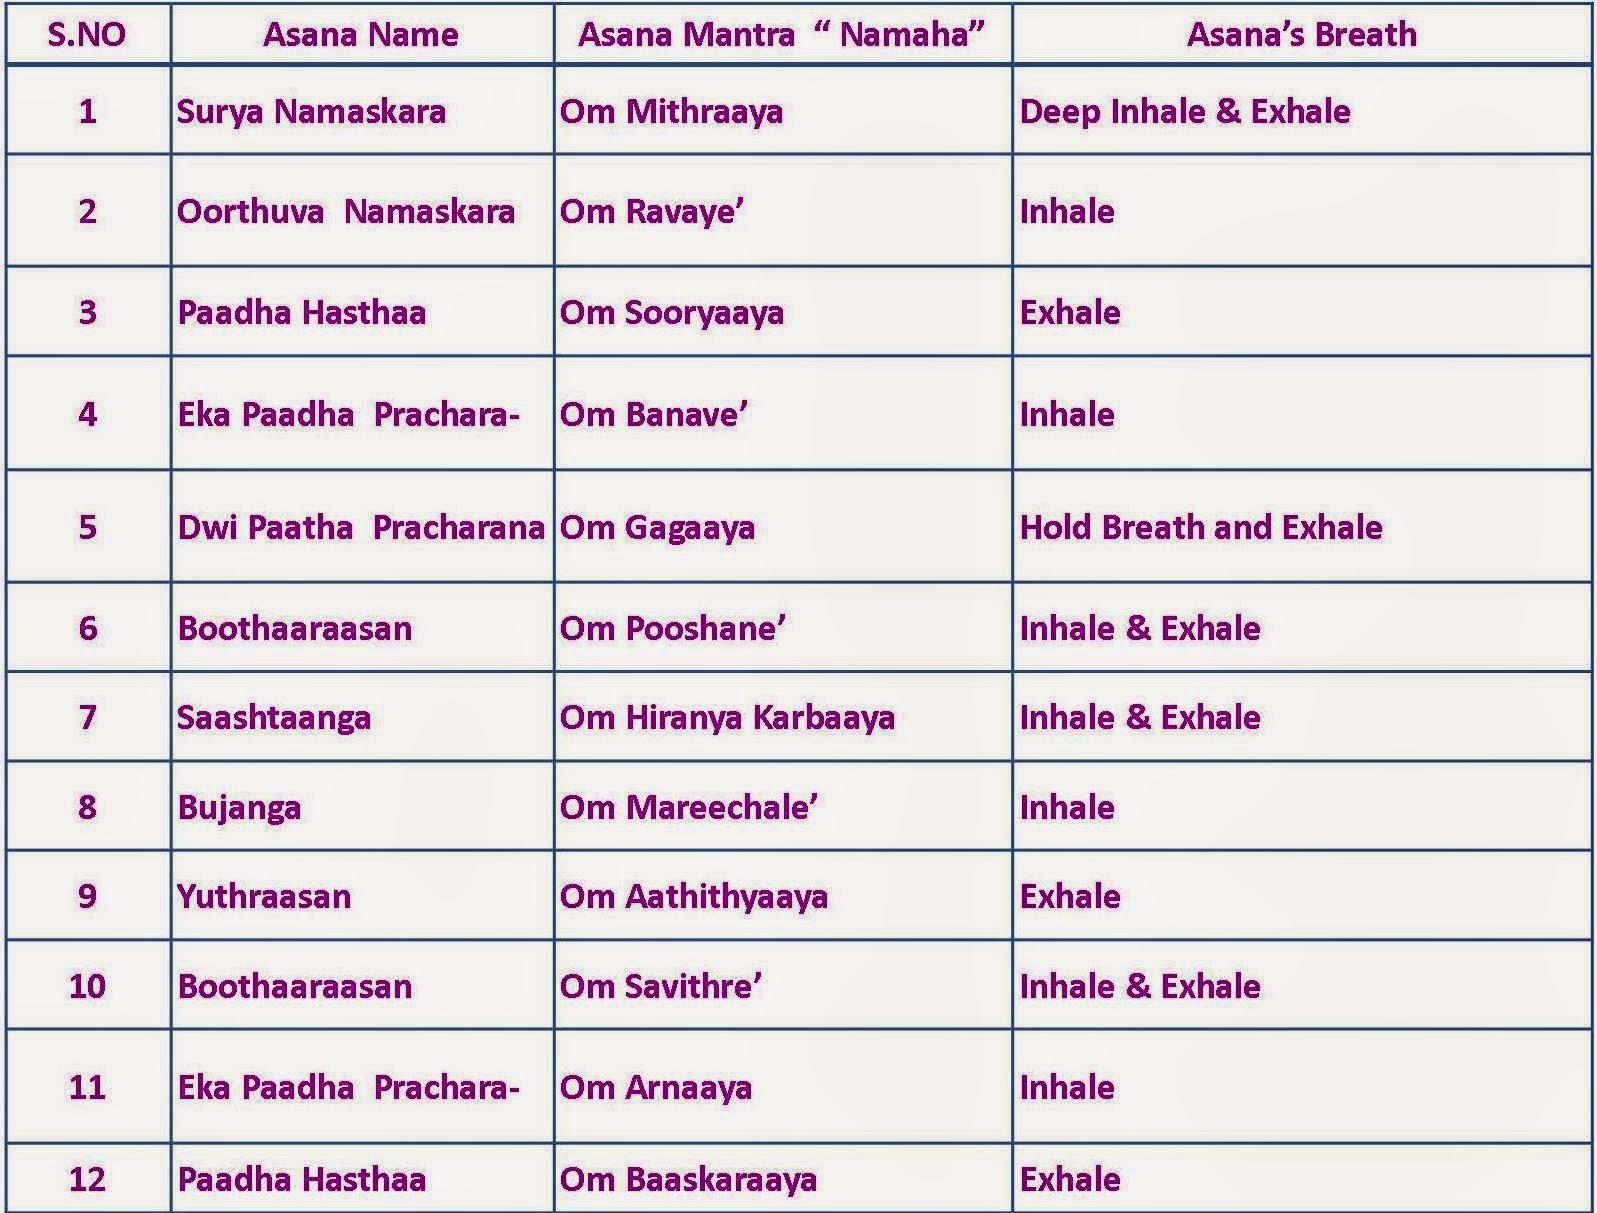 Surya Namaskar: Surya Namaskar - Asana, Breath Table